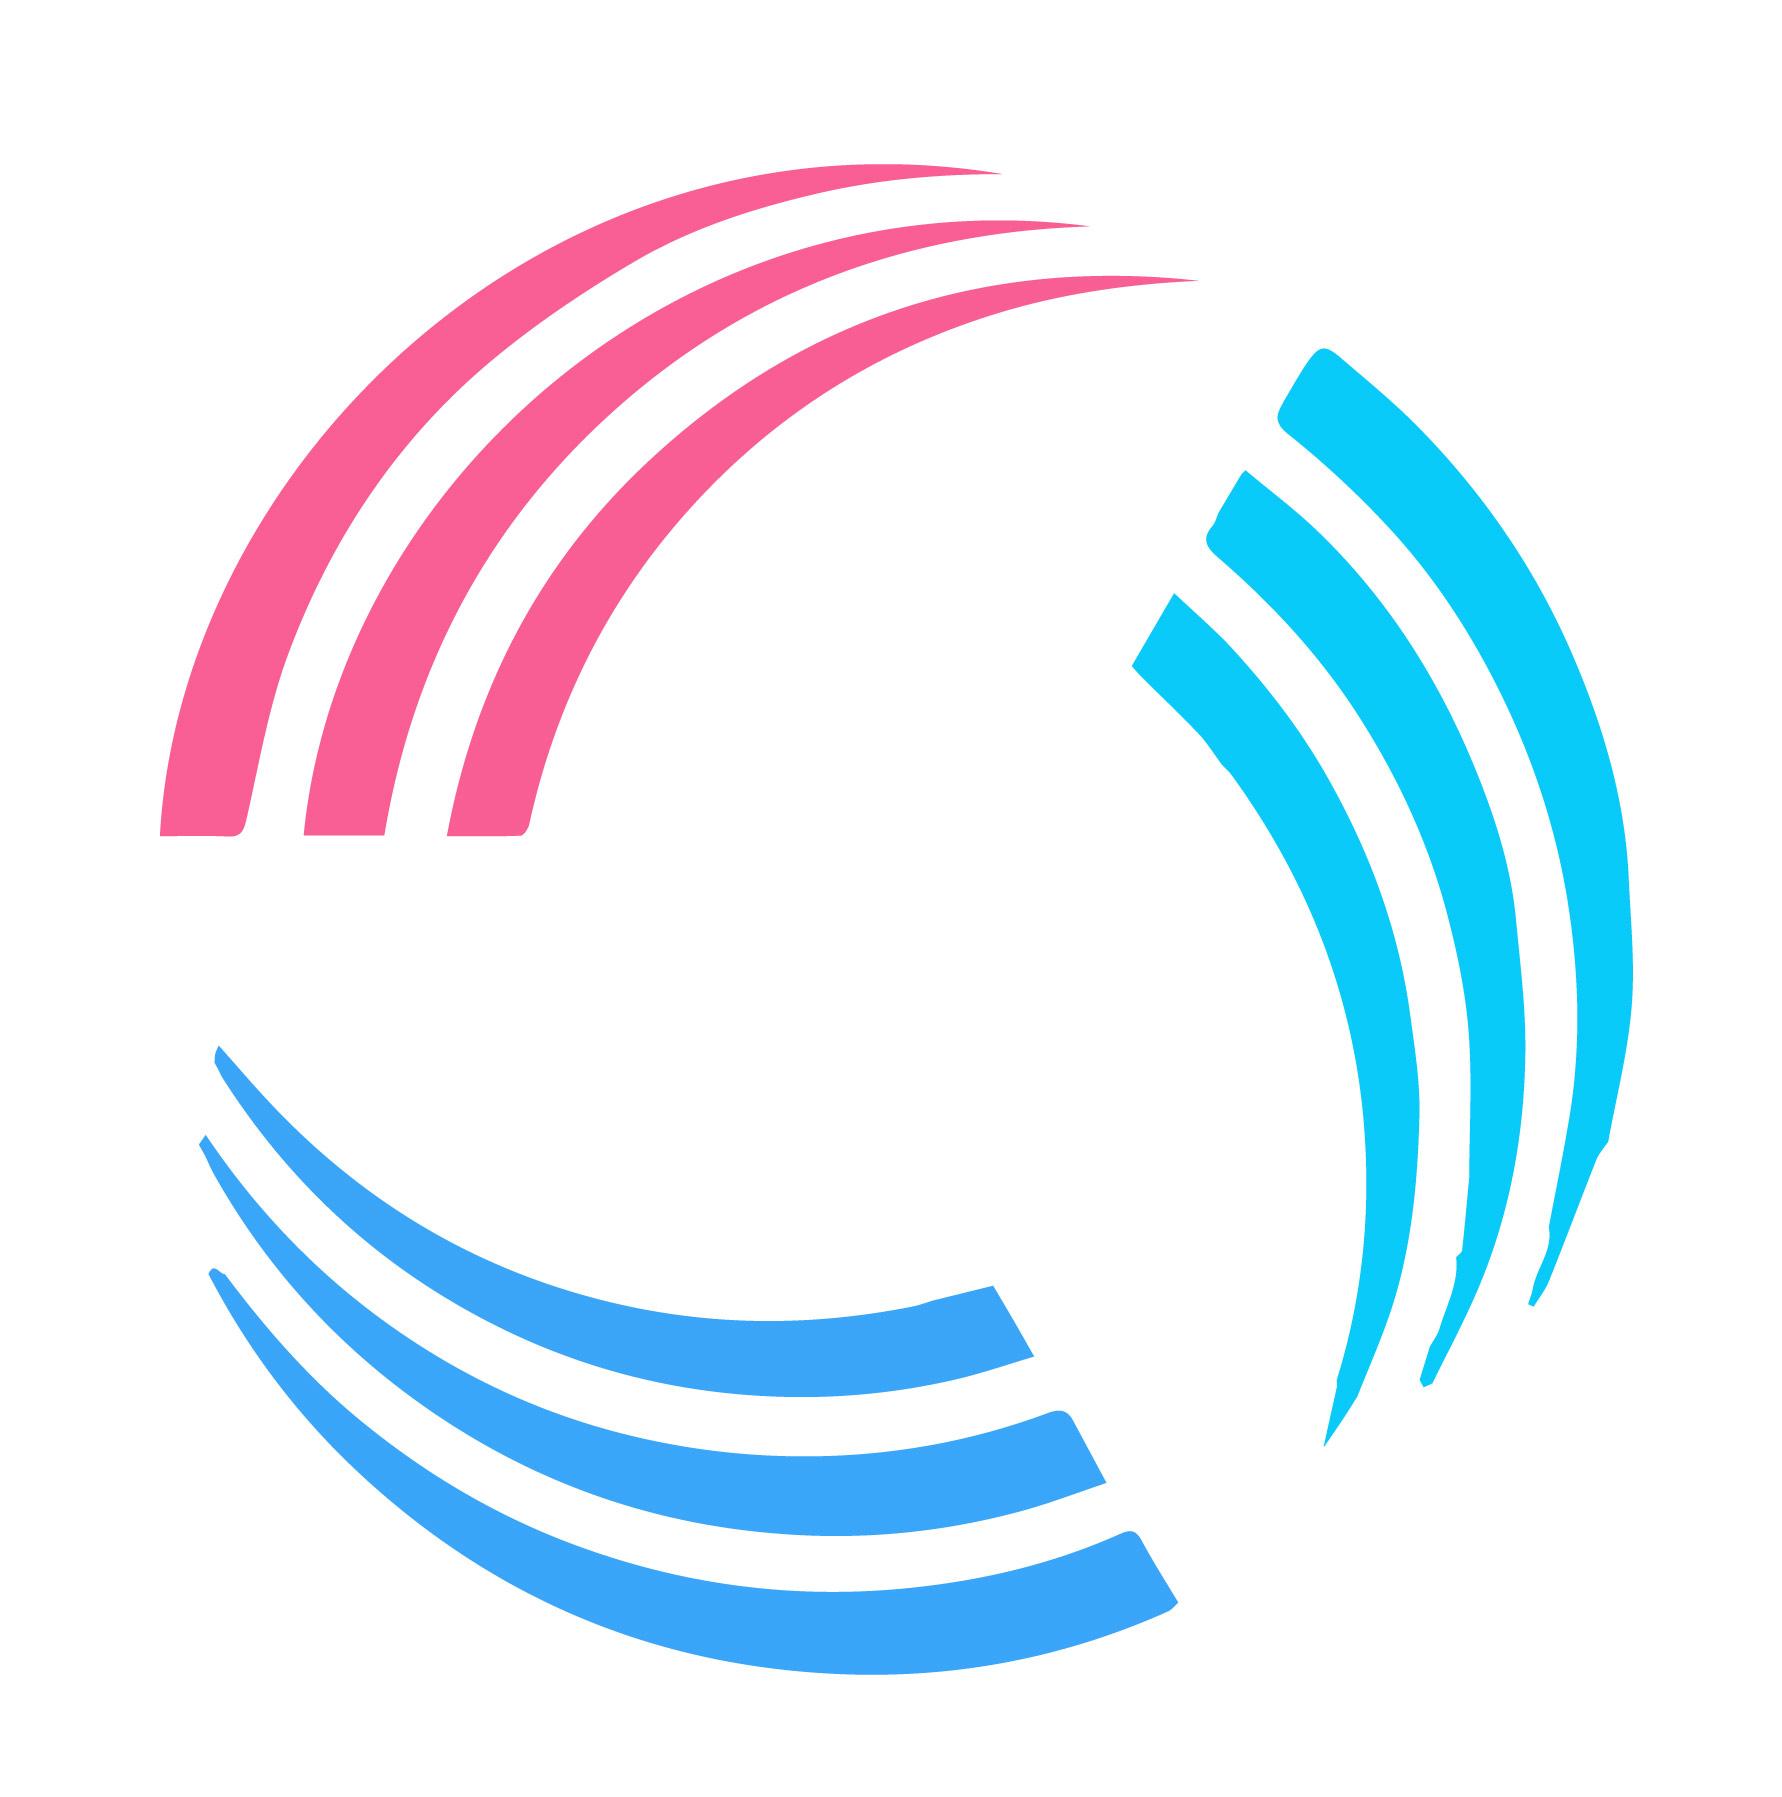 Агентство по профессионально-общественной аккредитации и независимой оценке квалификаций (ООО